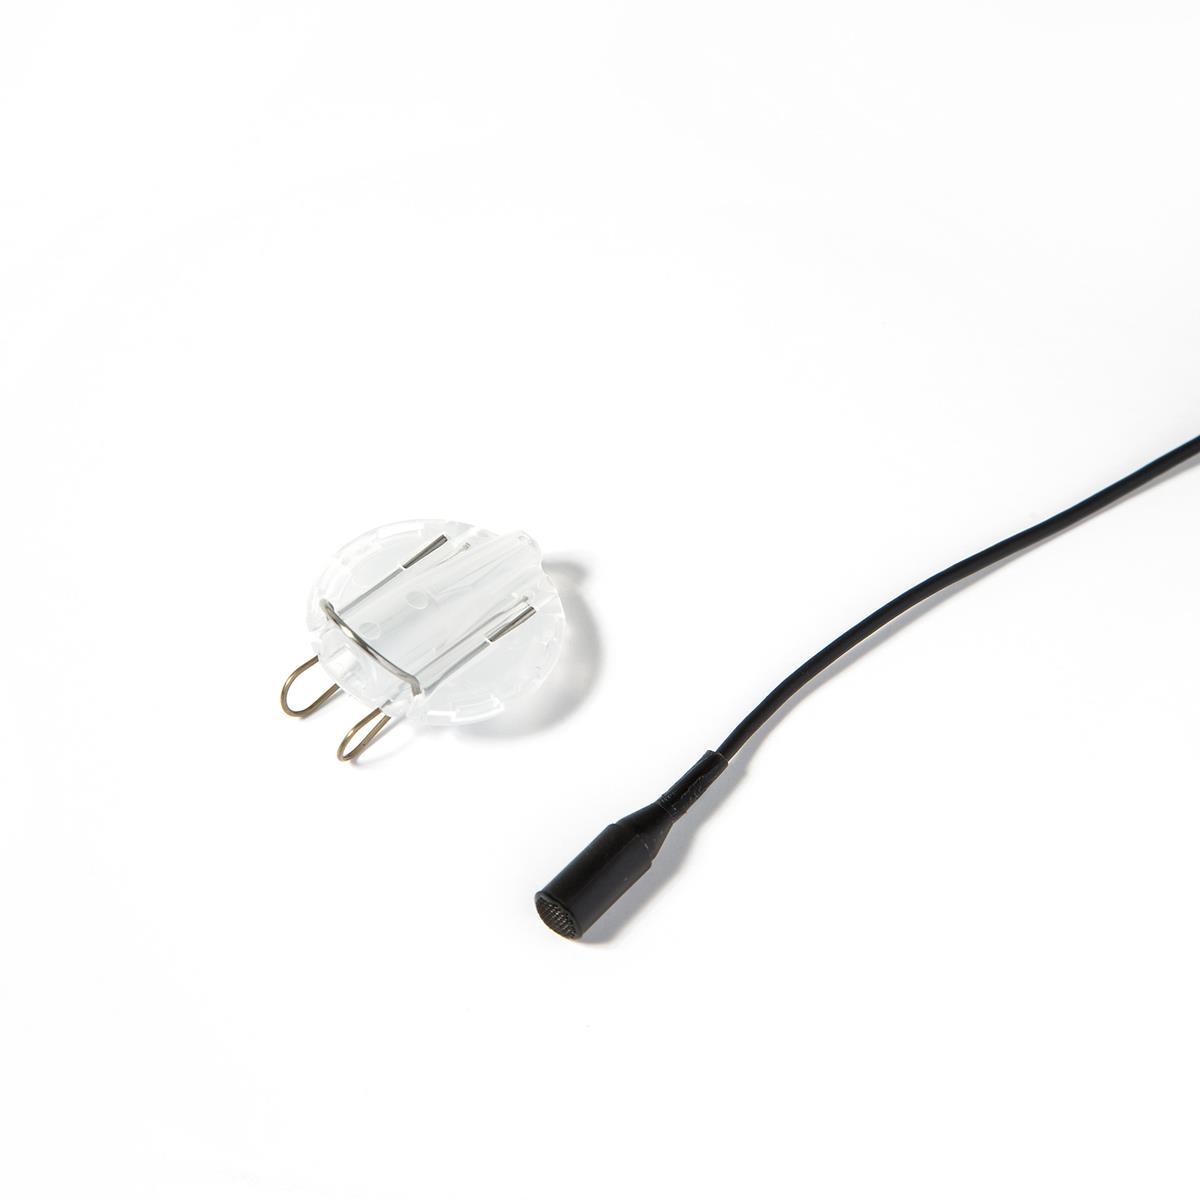 DPA DANISH PRO AUDIO DMM0021 Concealer for d:screet 4060/61/62/63/71 - DPDMM0021 - Voce - Audio Accessori - Altri accessori